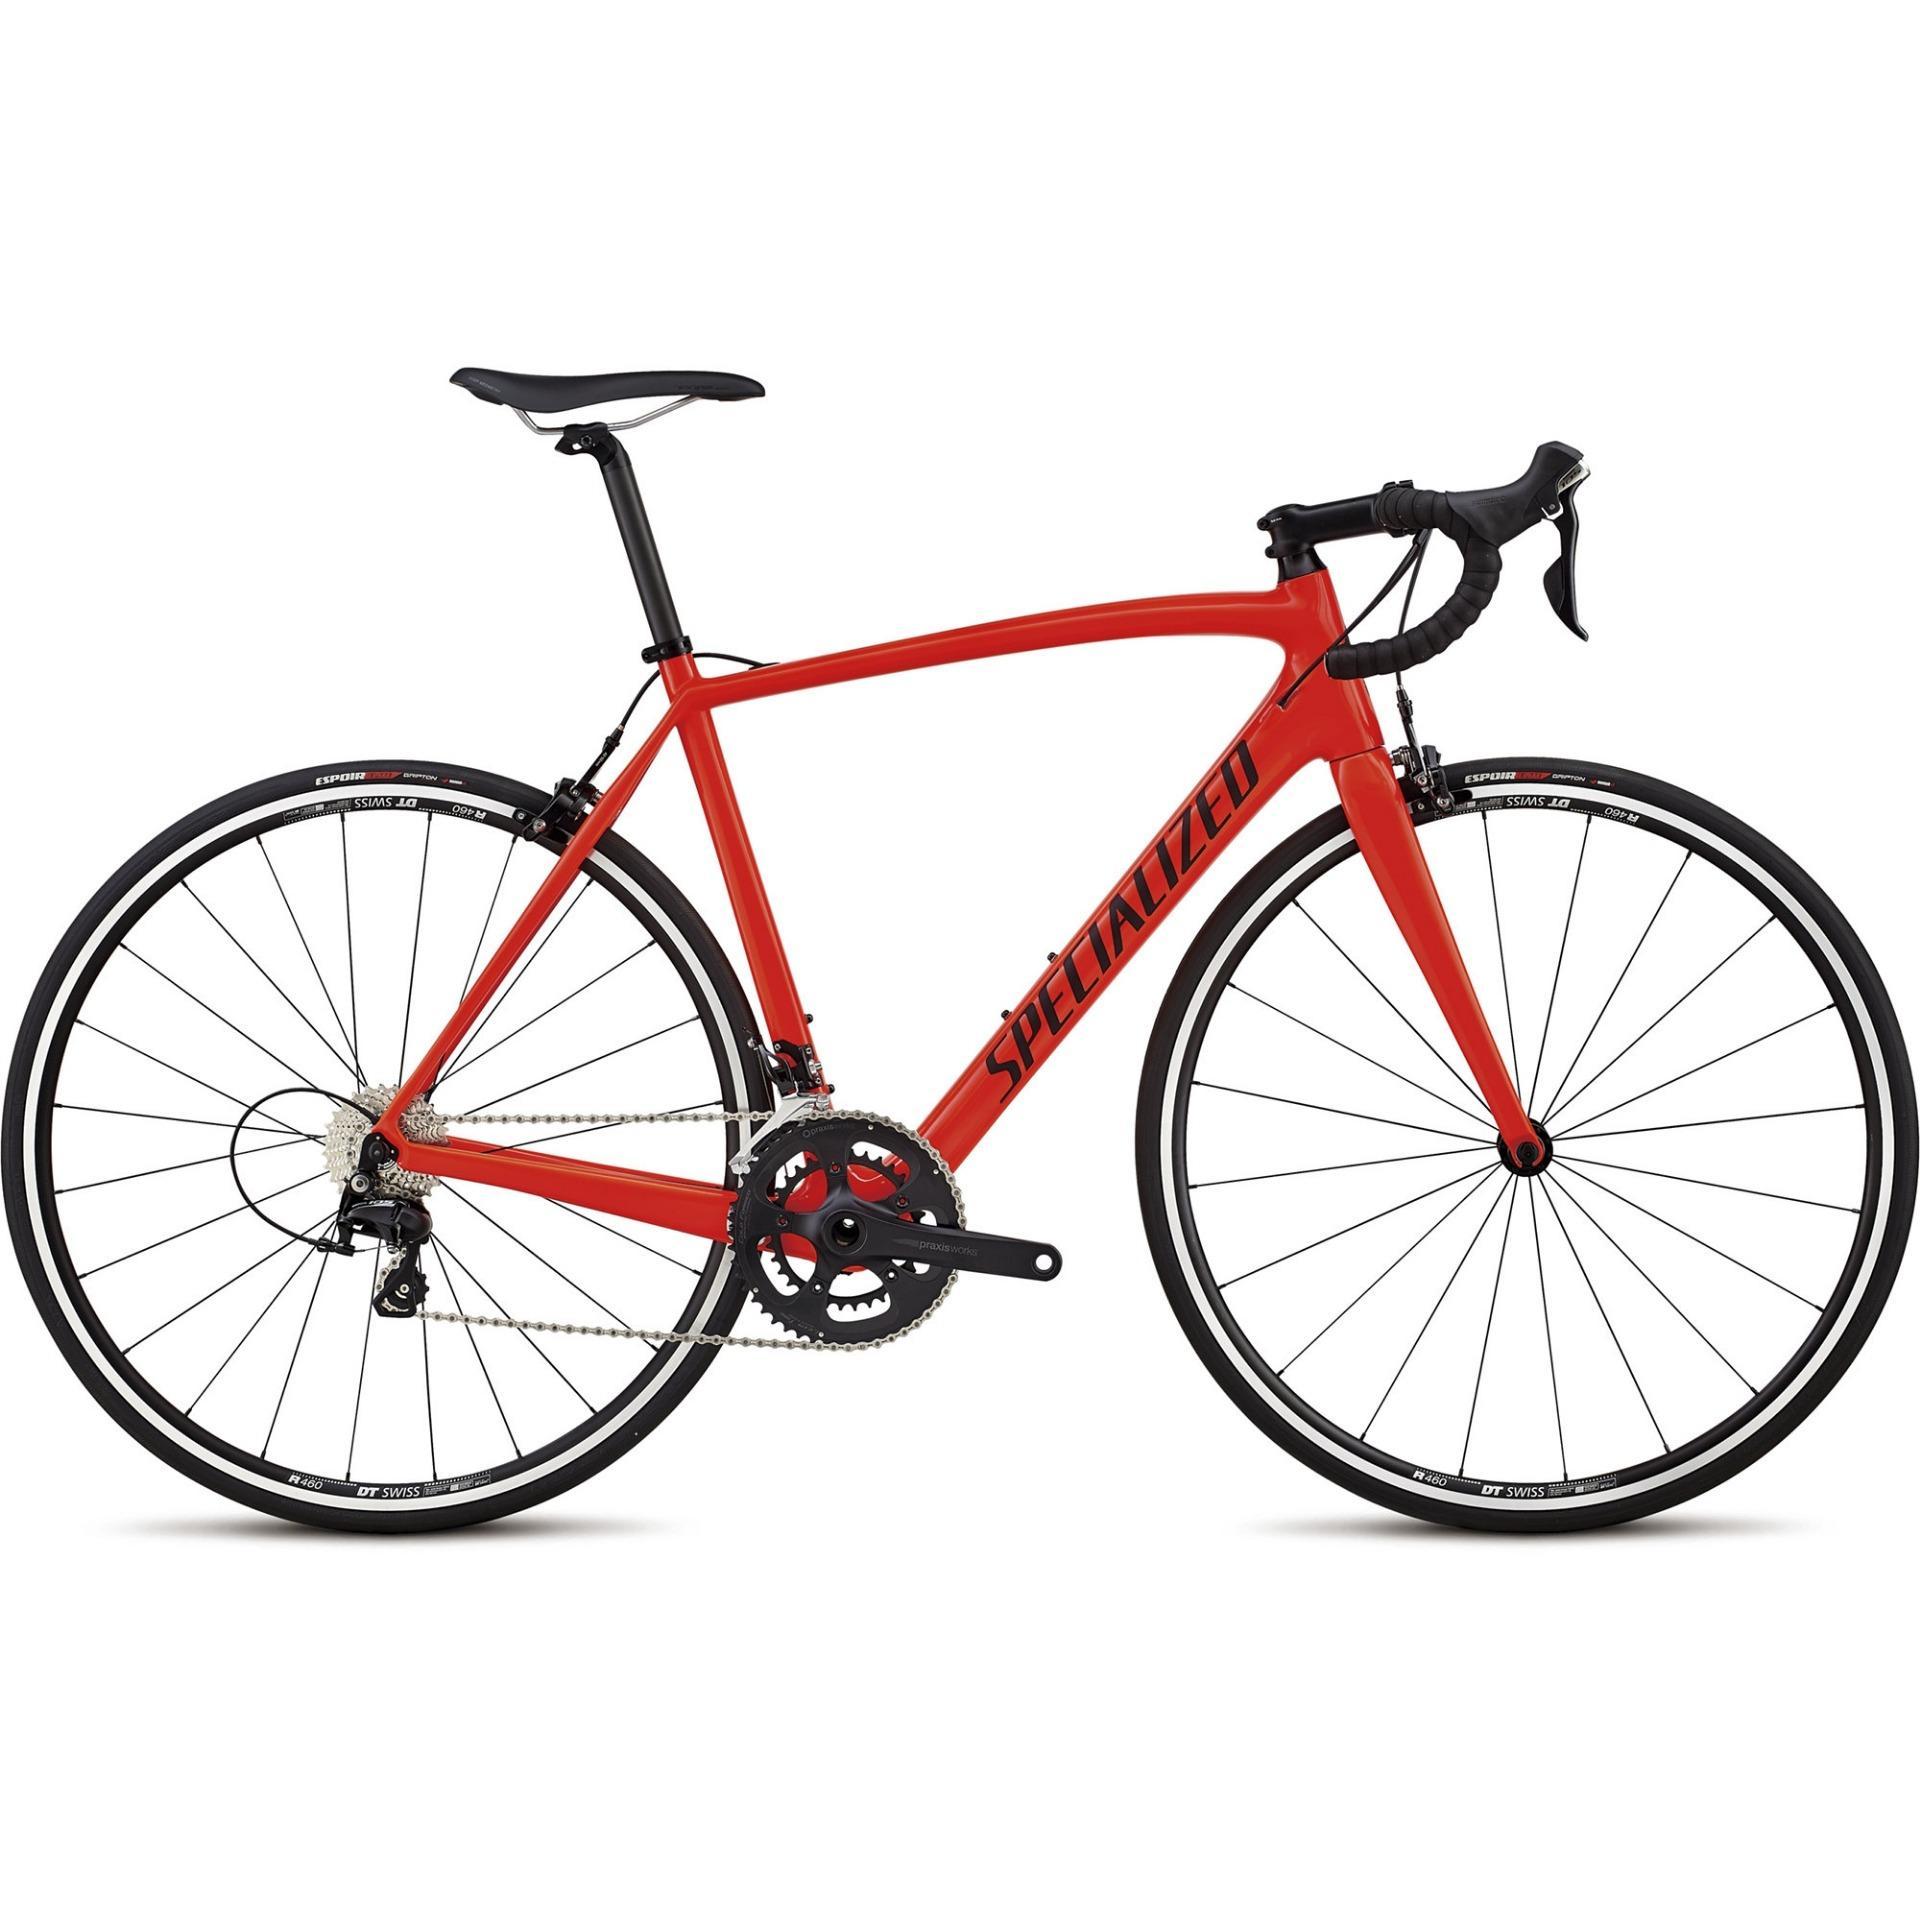 Xe đạp đua Specialized Tarmac SL4 Sport 2018 Đỏ